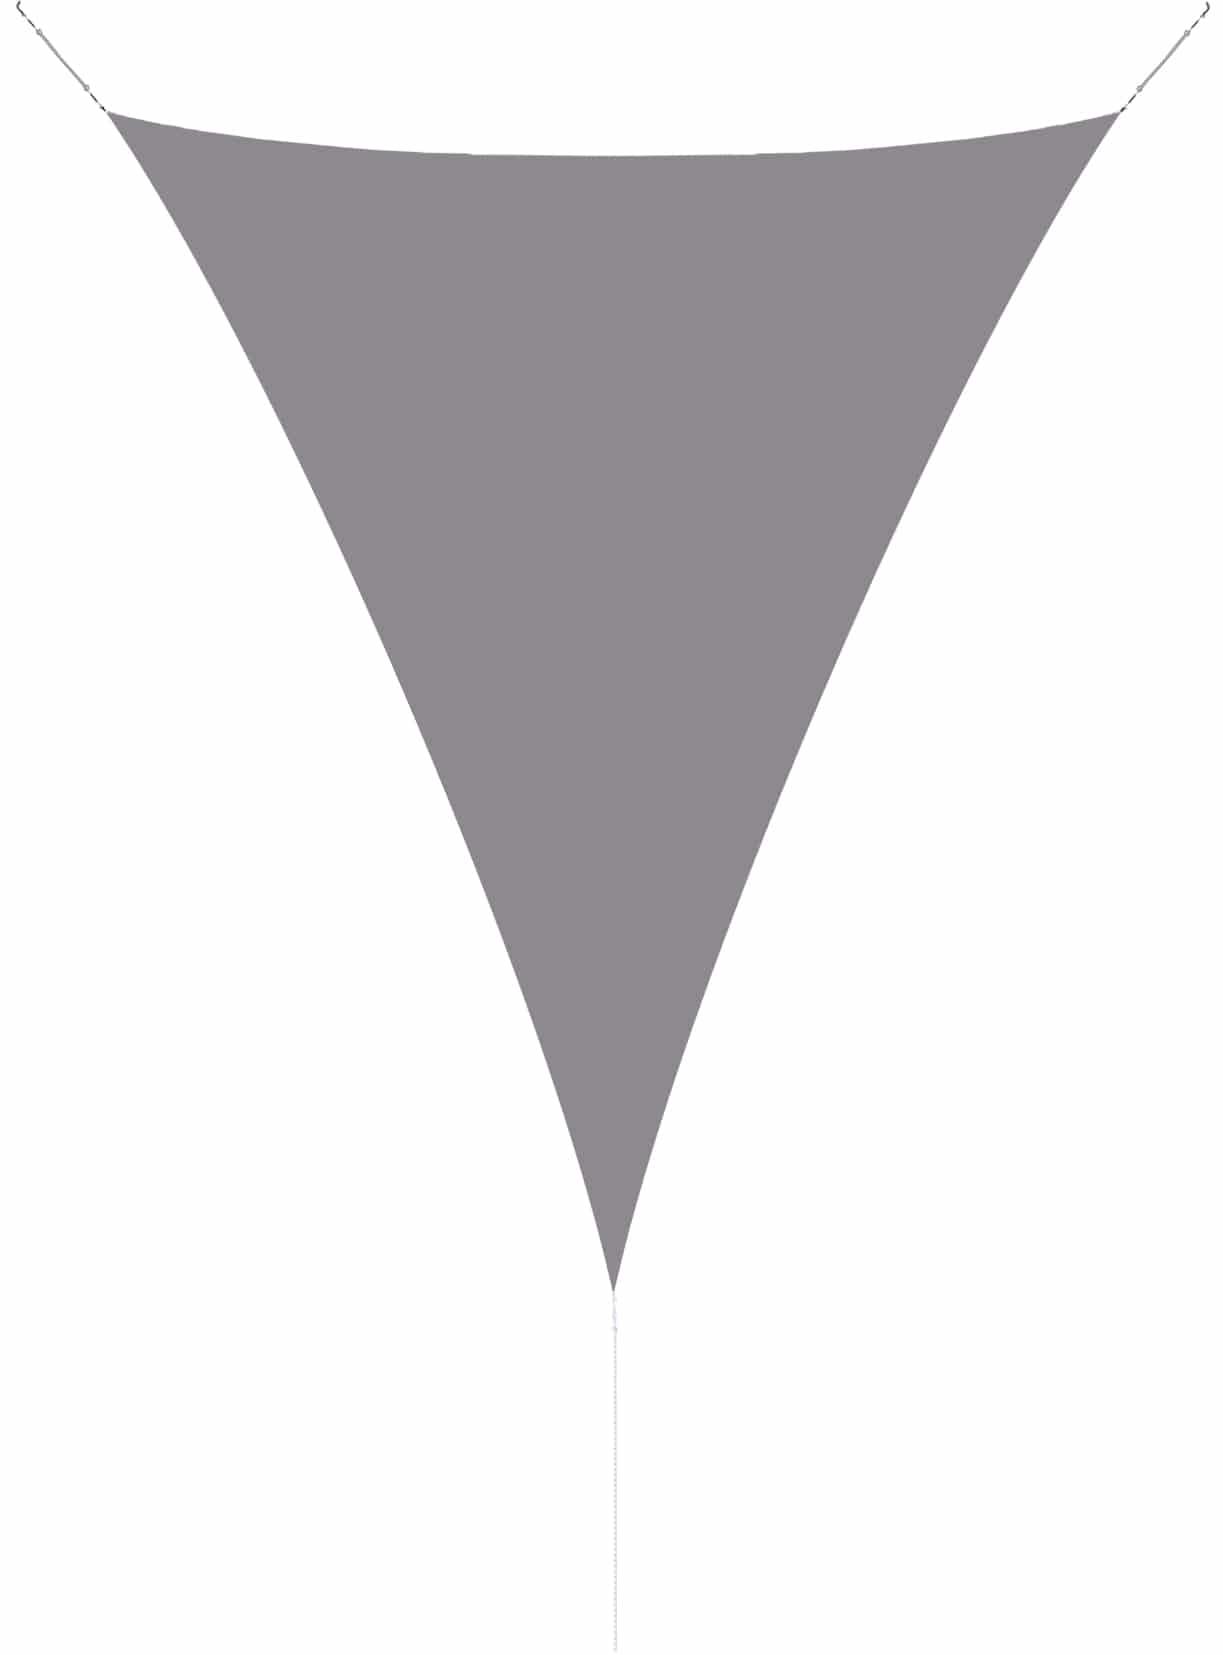 hanSe® Schaduwdoek Driehoek Gelijkbenig Waterdoorlatend 2,5x2,5x3,5 m - Grijs